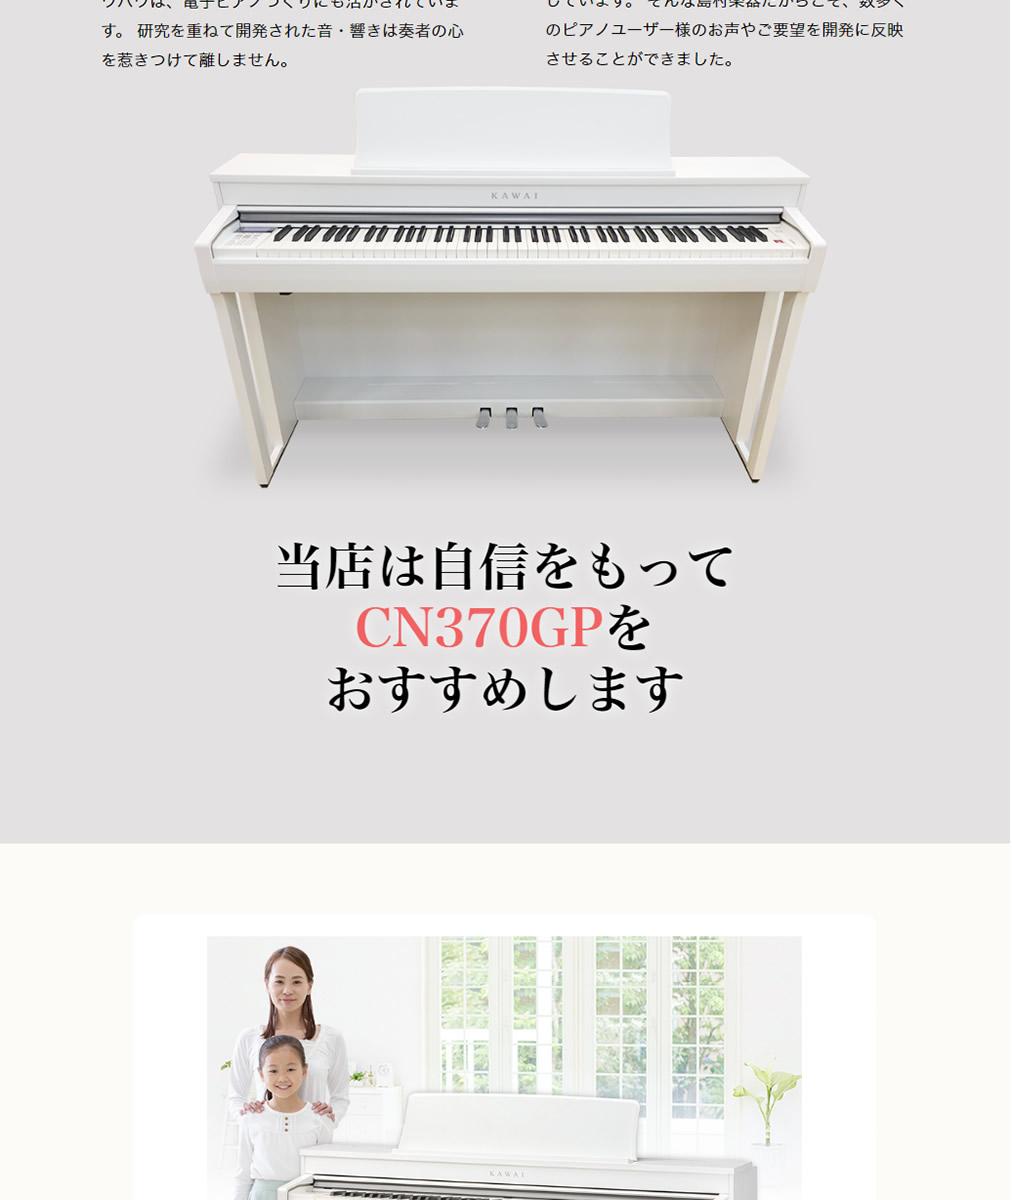 ピアノづくりにかける想い